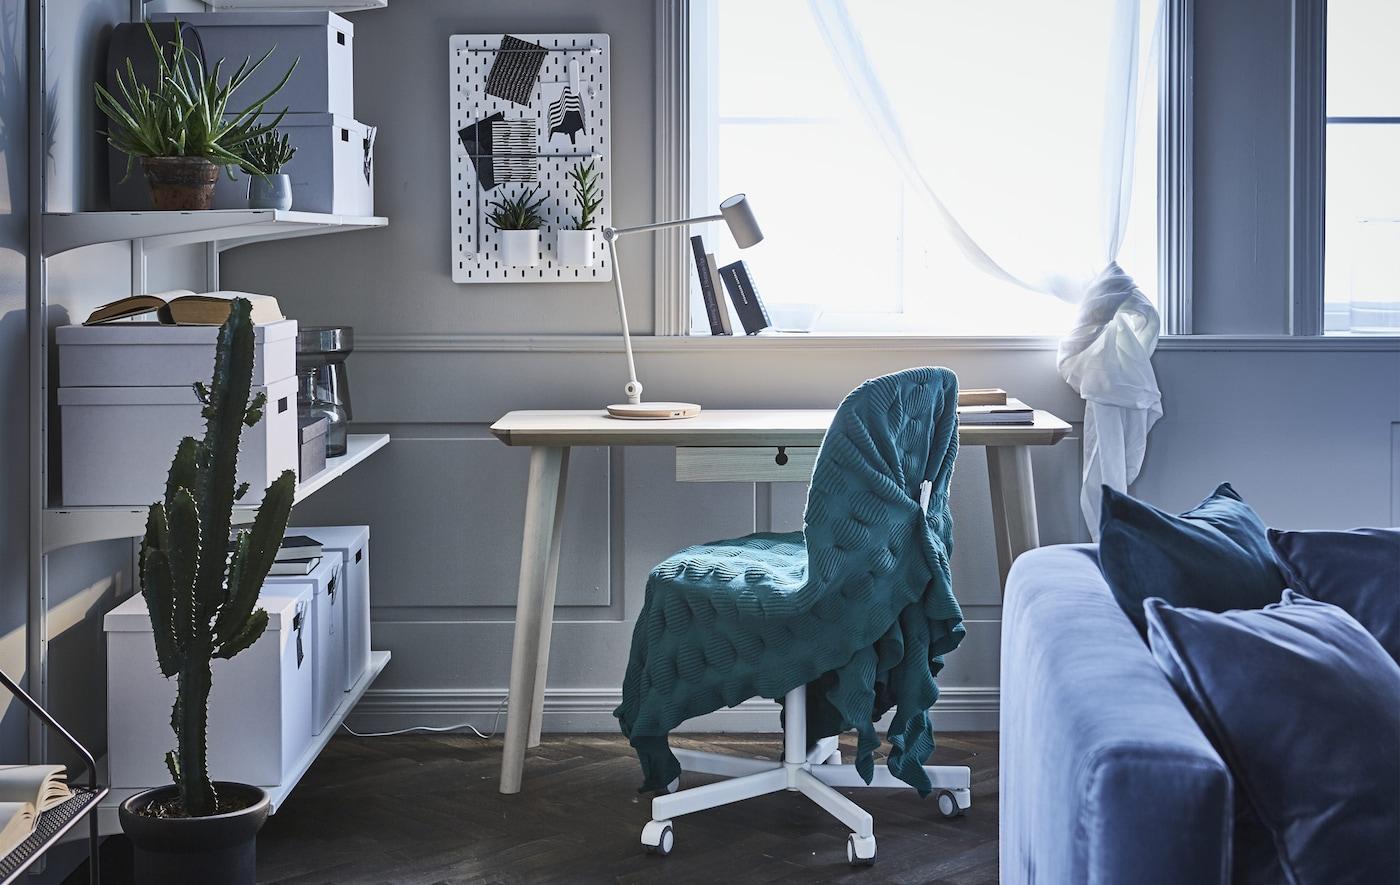 قم بإنشاء مكتب منزلي عصري في غرفة جلوسك مع الأثاث المكتبي العصري! اجعل الكرسي يمتزج ويتناسق مع باقي ديكور المكان، فقط قم بلفه ببطانية خضراء! تقدم ايكيا مجموعة كبيرة من مقاعد العمل مثل الكرسي الدوار ÖRFJÄLL/SPORREN.